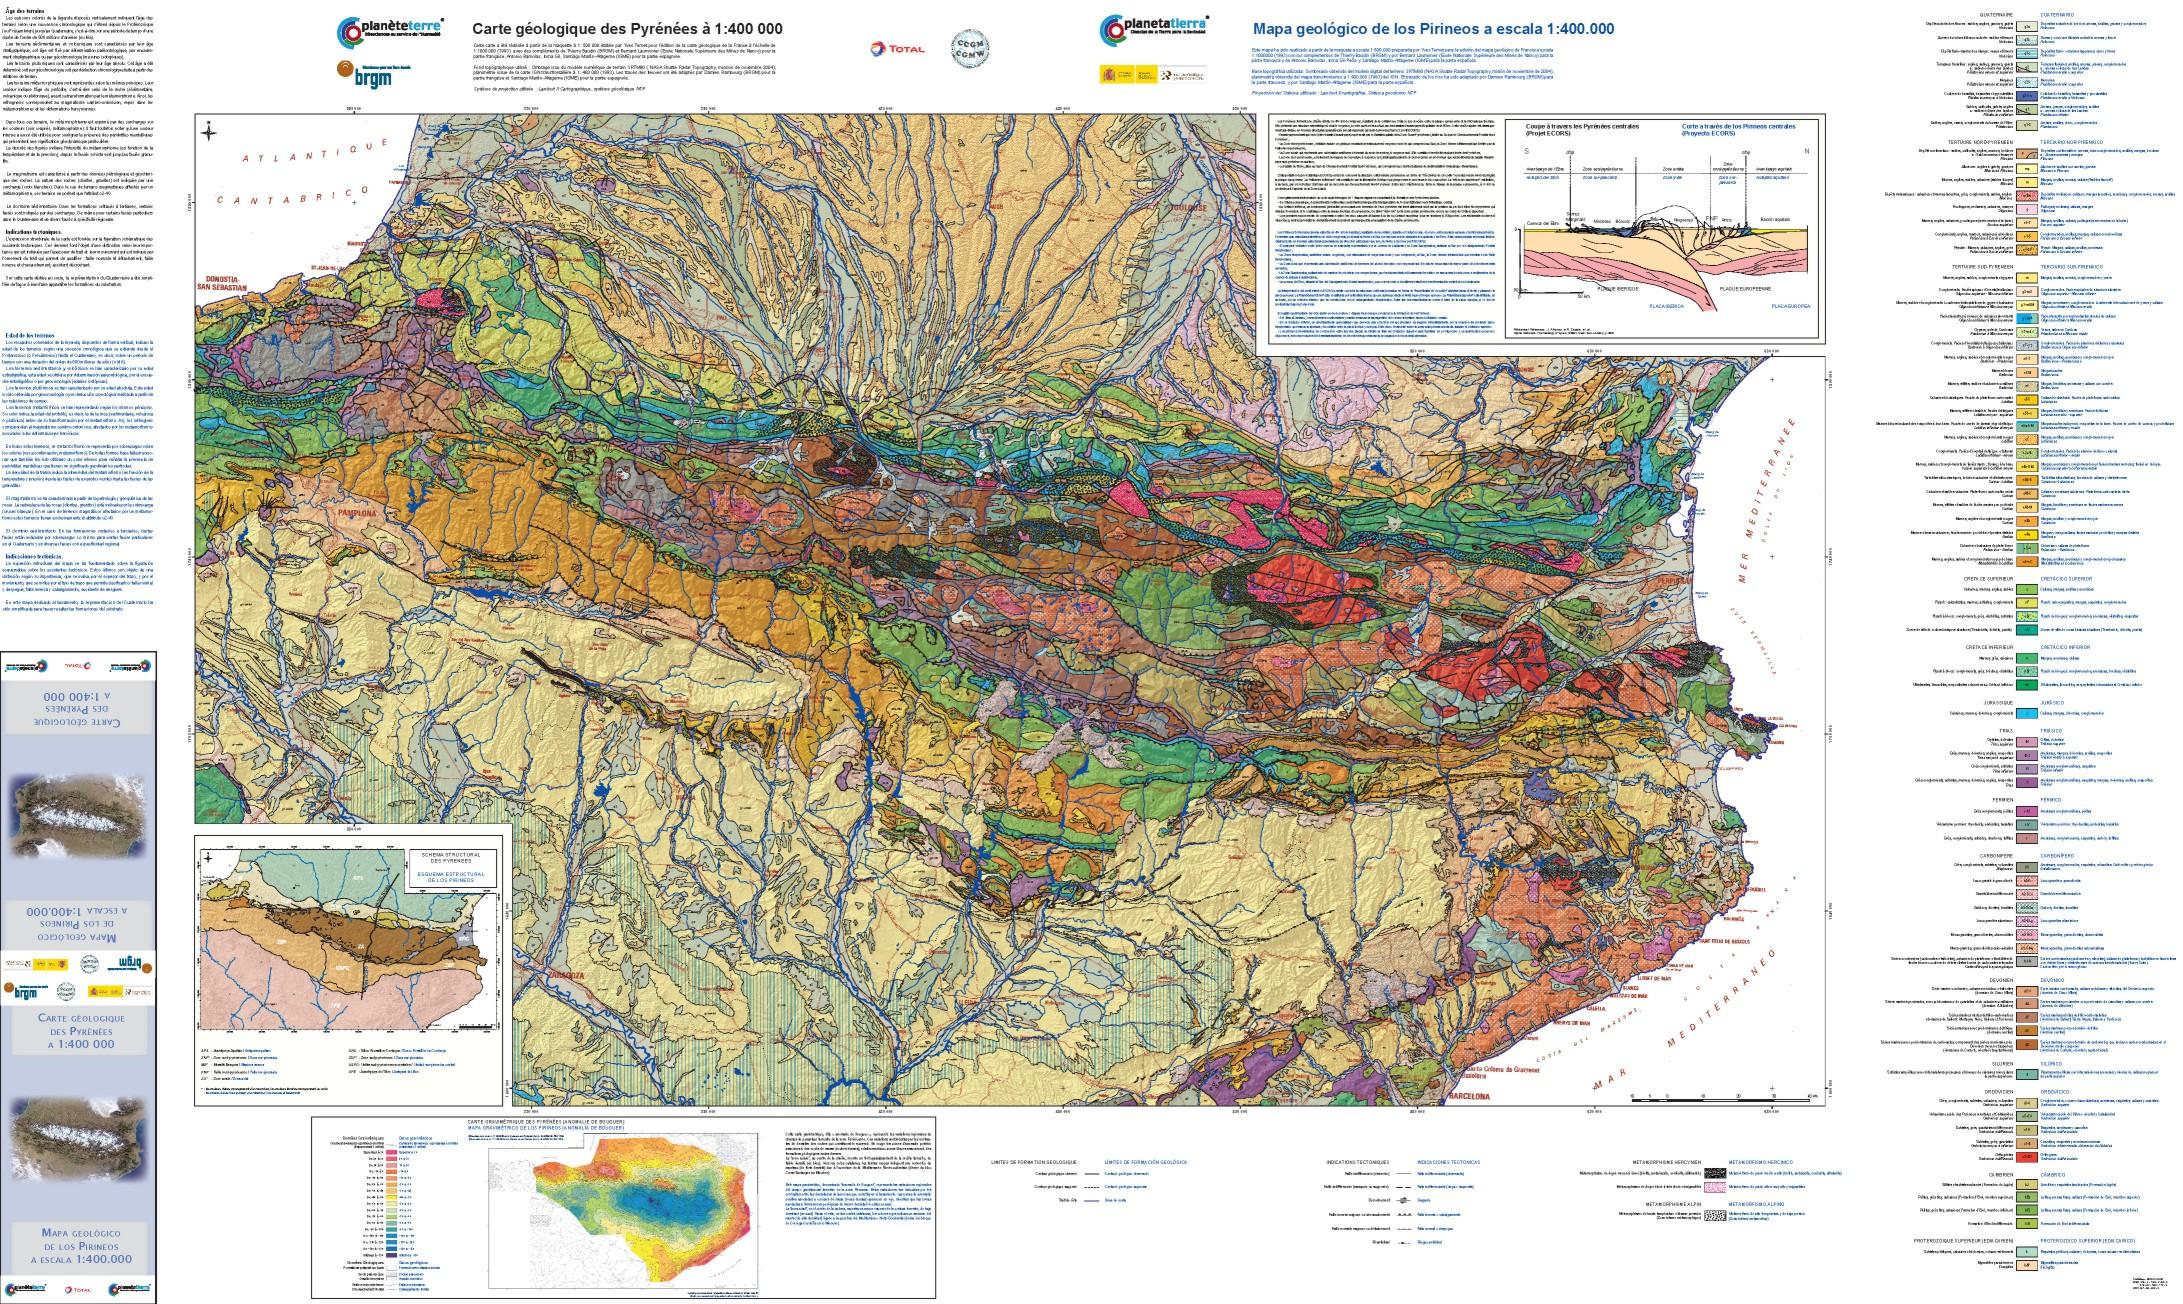 Mapa De Los Pirineos.Se Presenta El Primer Mapa Geologico Completo De Los